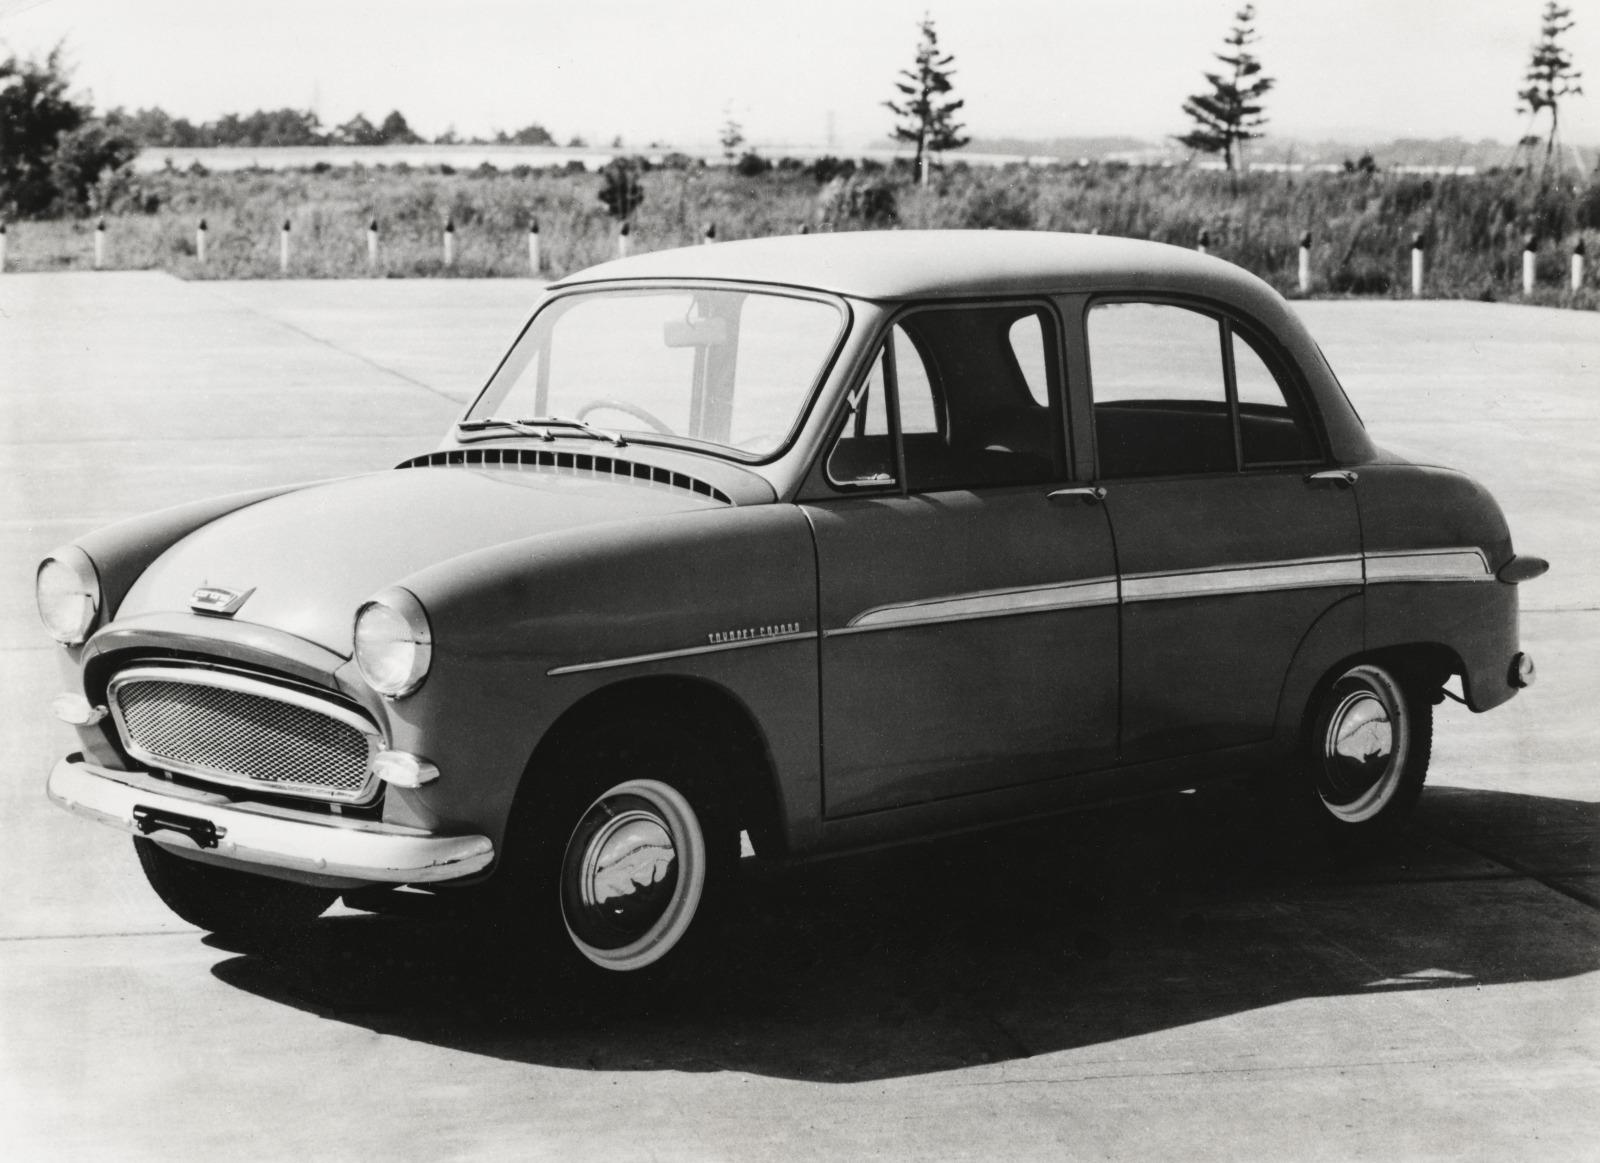 「マツダ初の乗用車「R360」と「キャロル」【マツダ100年史・第9回・第3章 その2】」の4枚目の画像